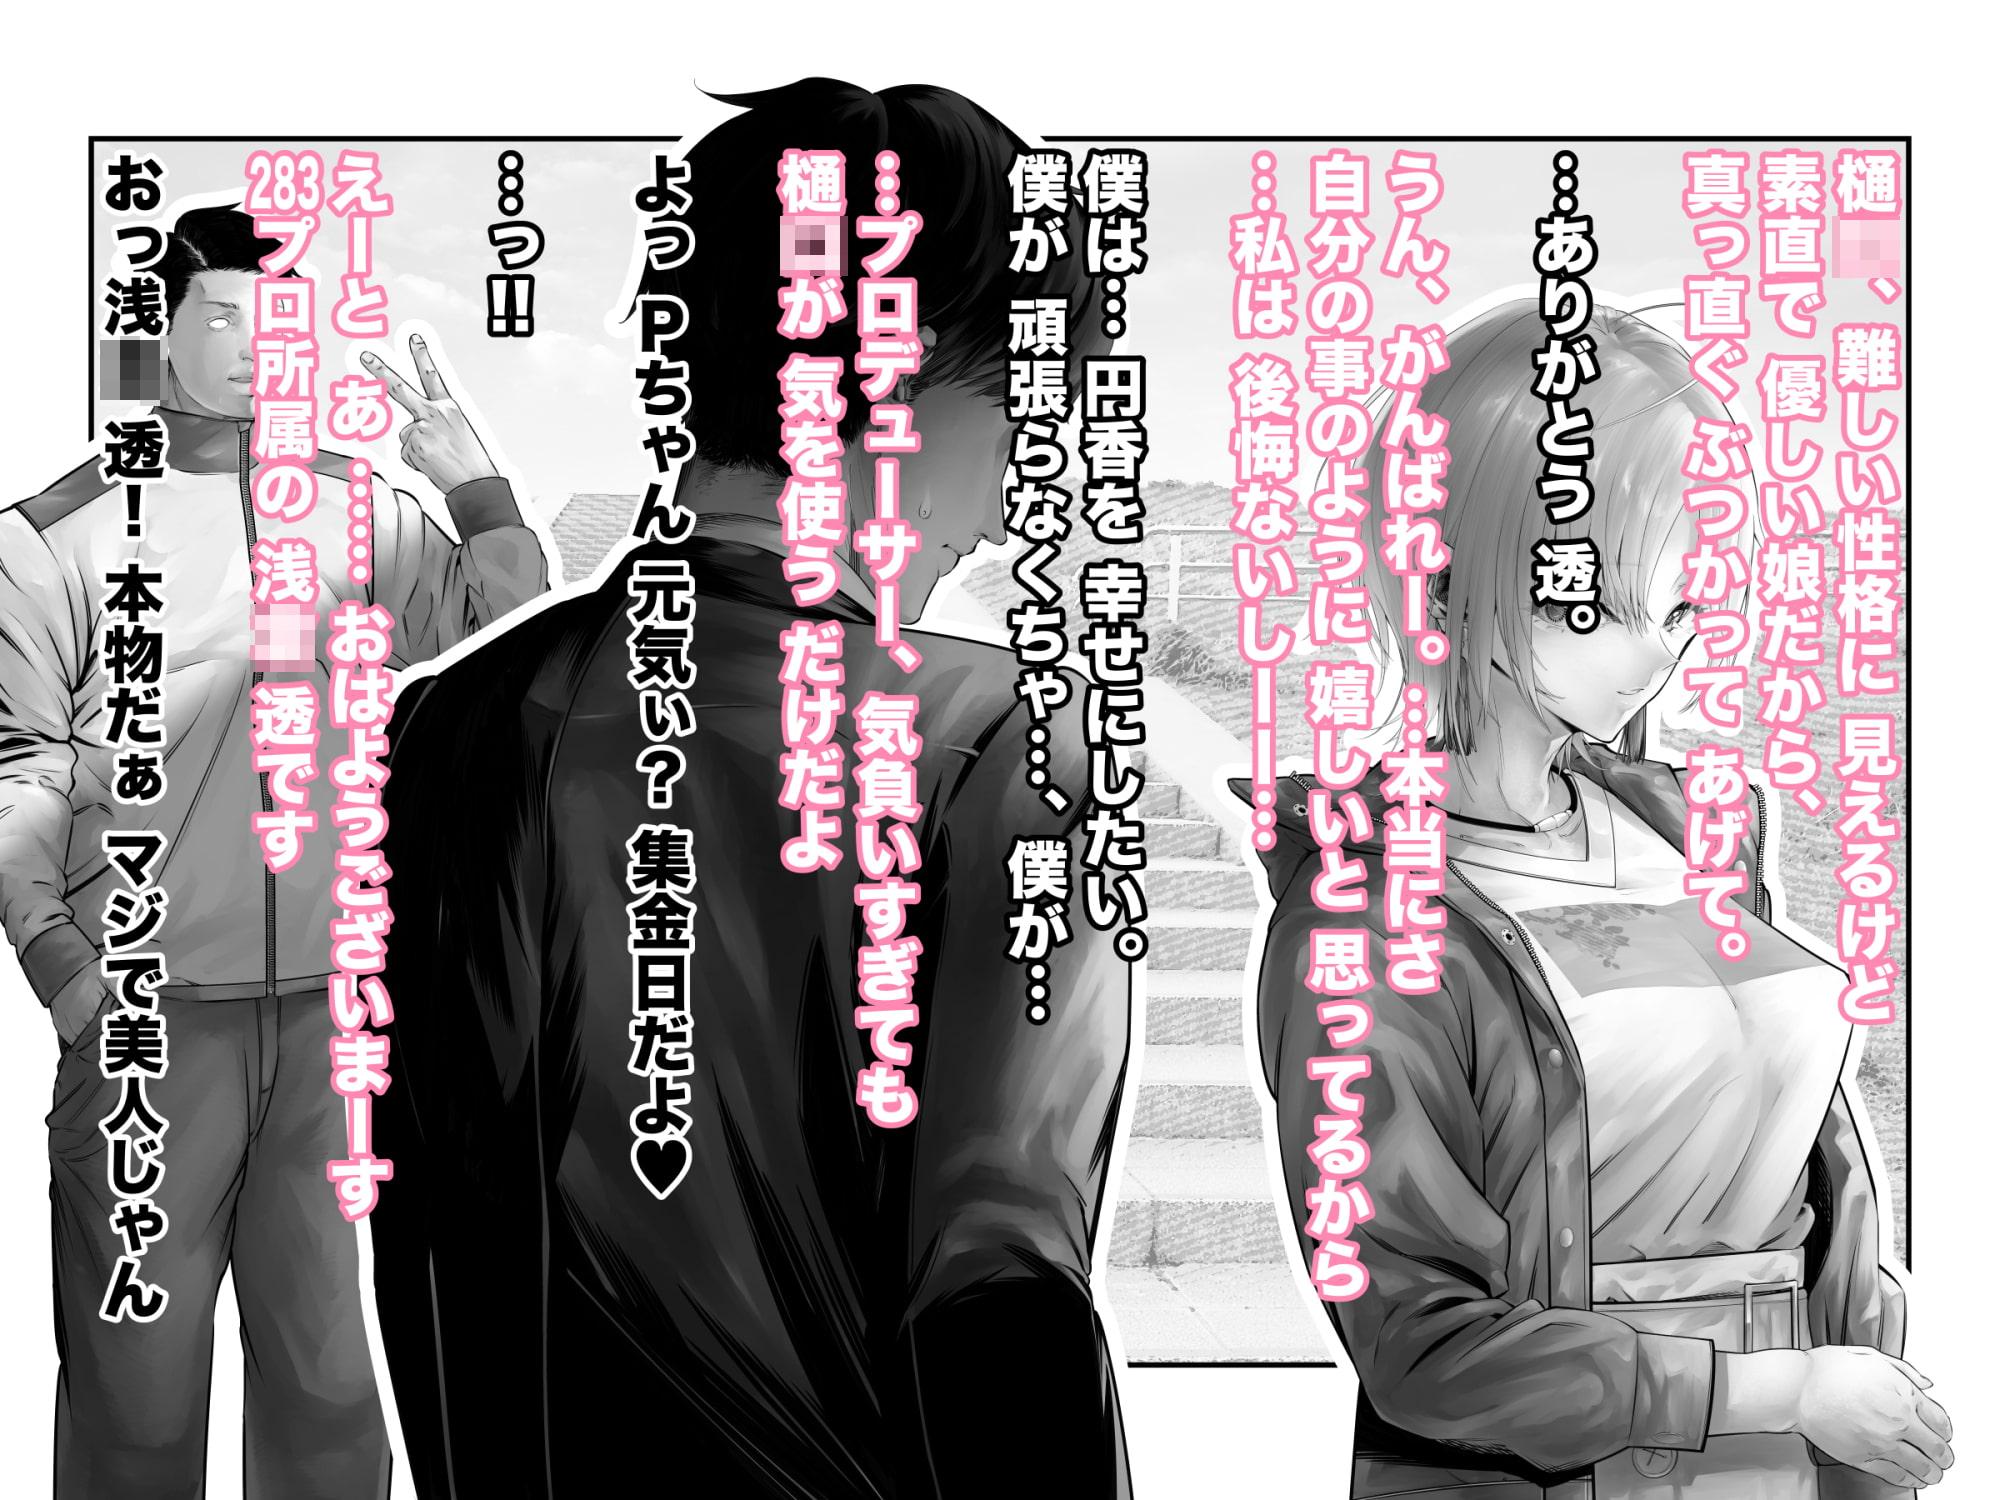 -浅▲透-身代わり強制メス媚び【同人エロ漫画】(つちくだマテリアル)4